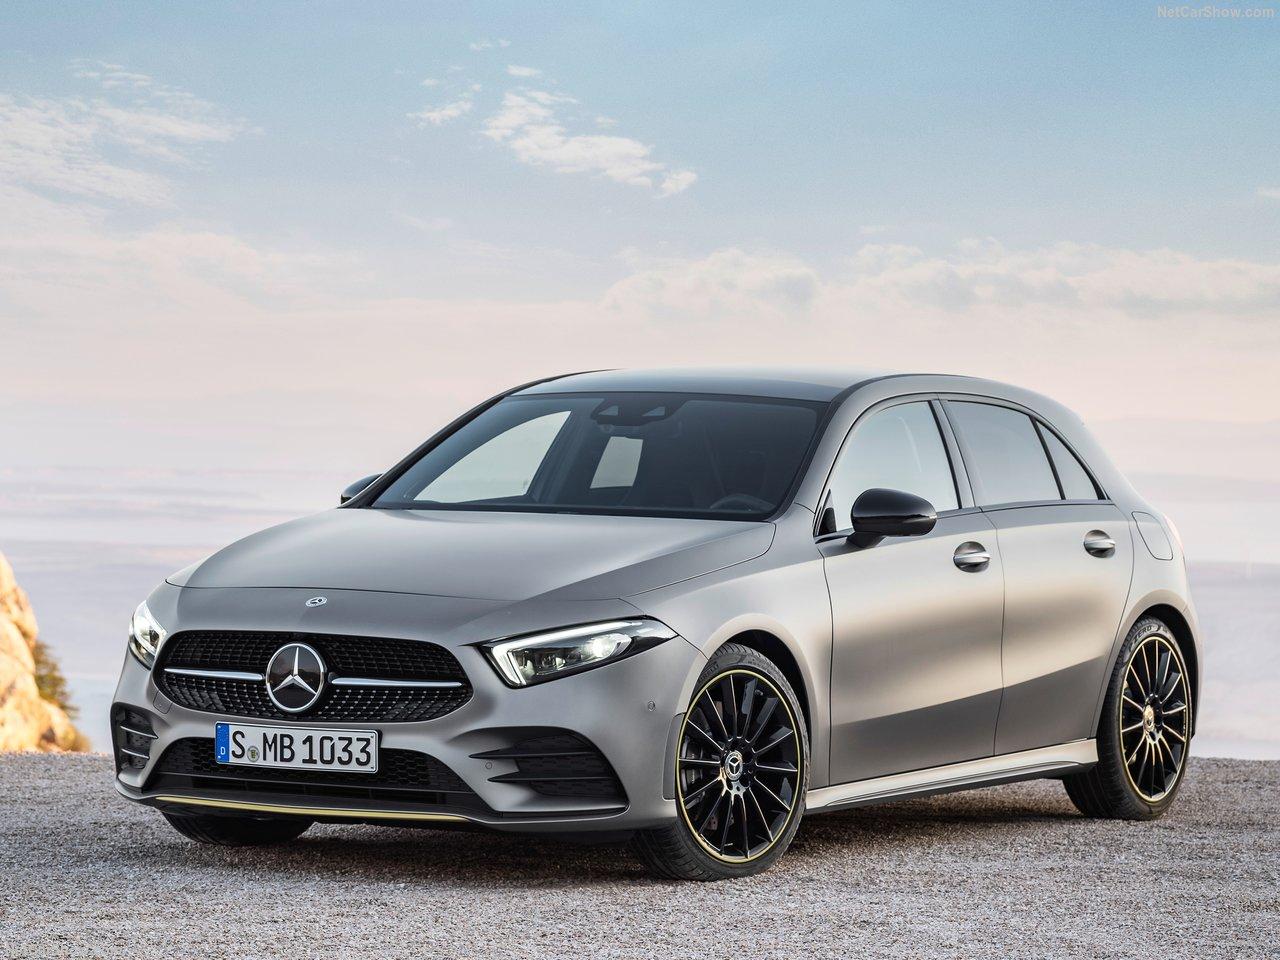 Mercedes-Benz-A-Class-2019-1280-02.jpg